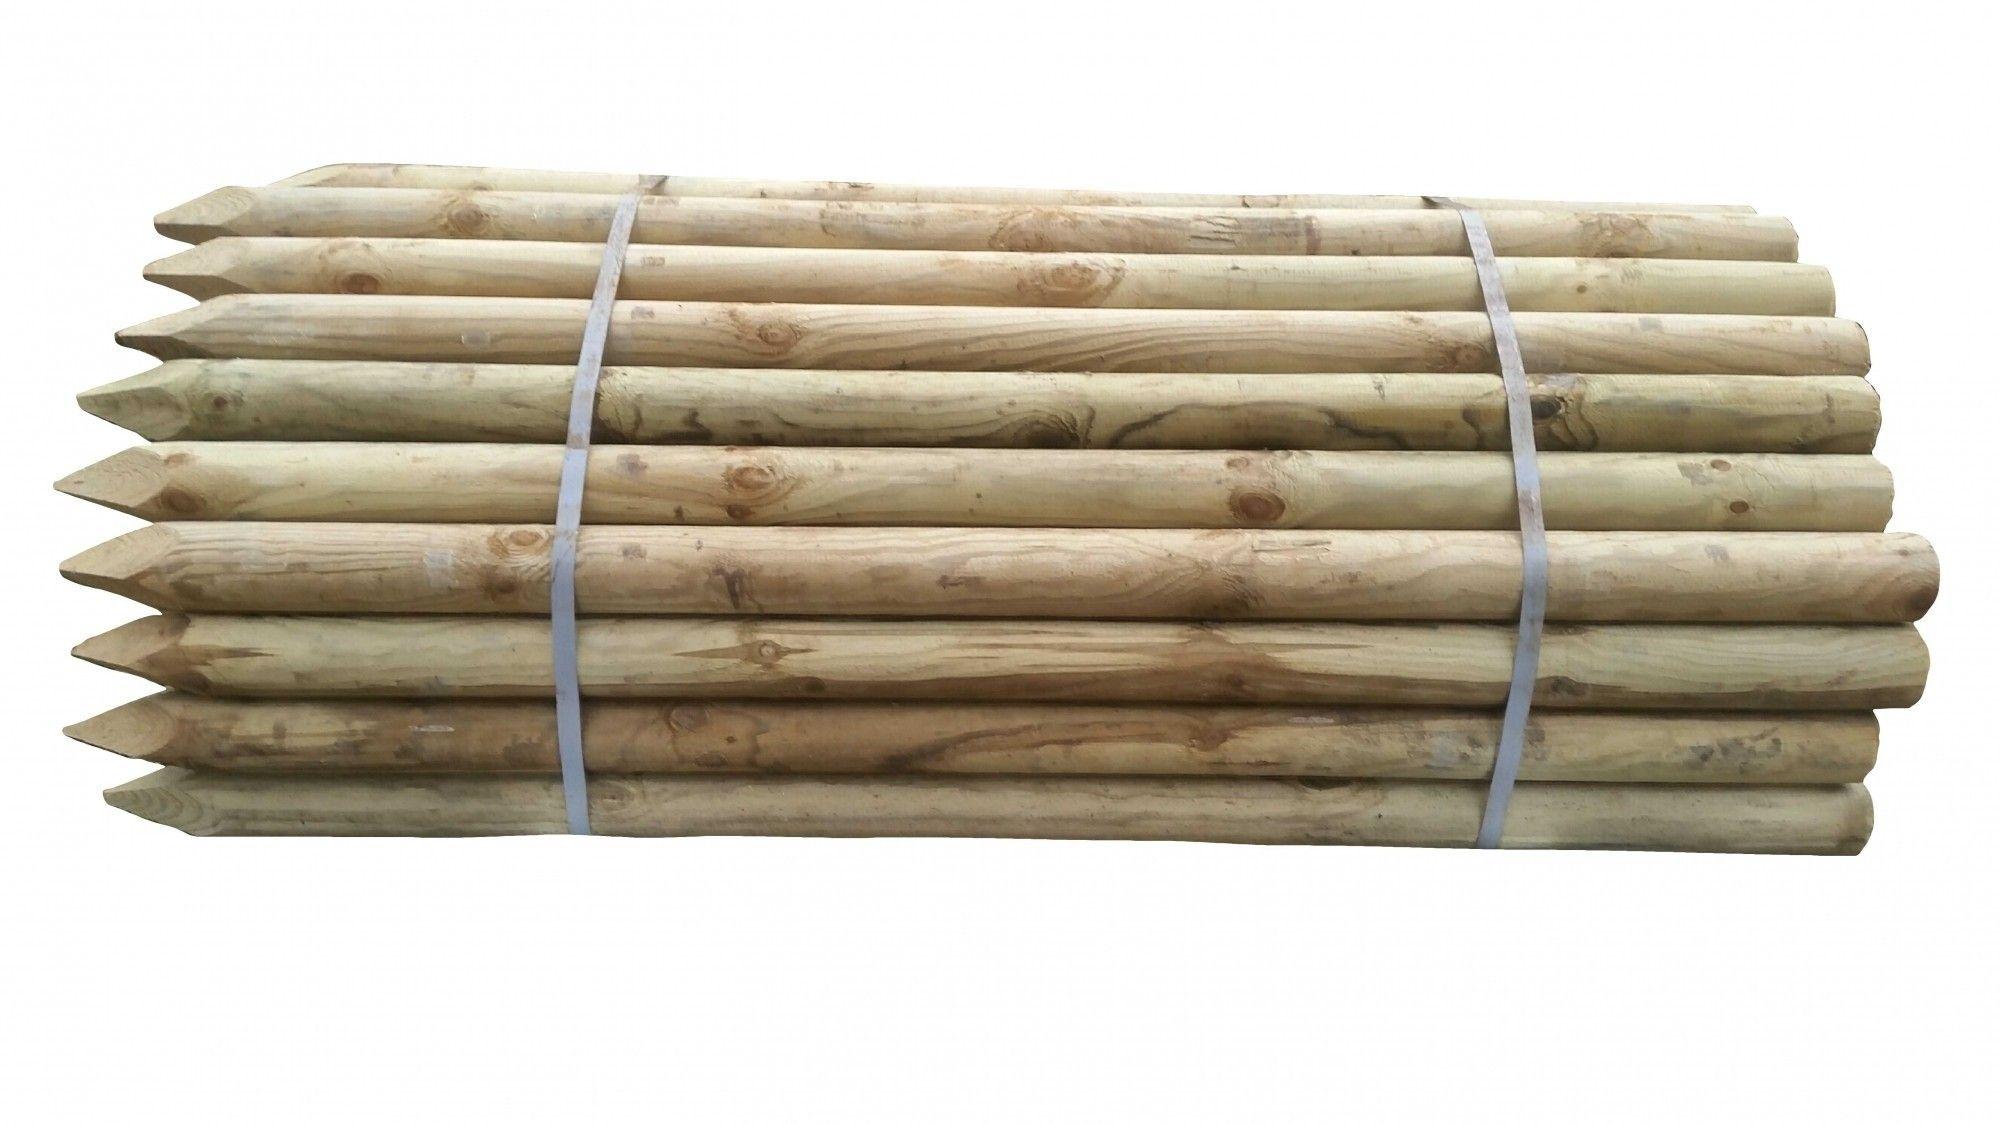 Houten paal Celfix geimpregneerd 200 x 10cm rond gefreesd